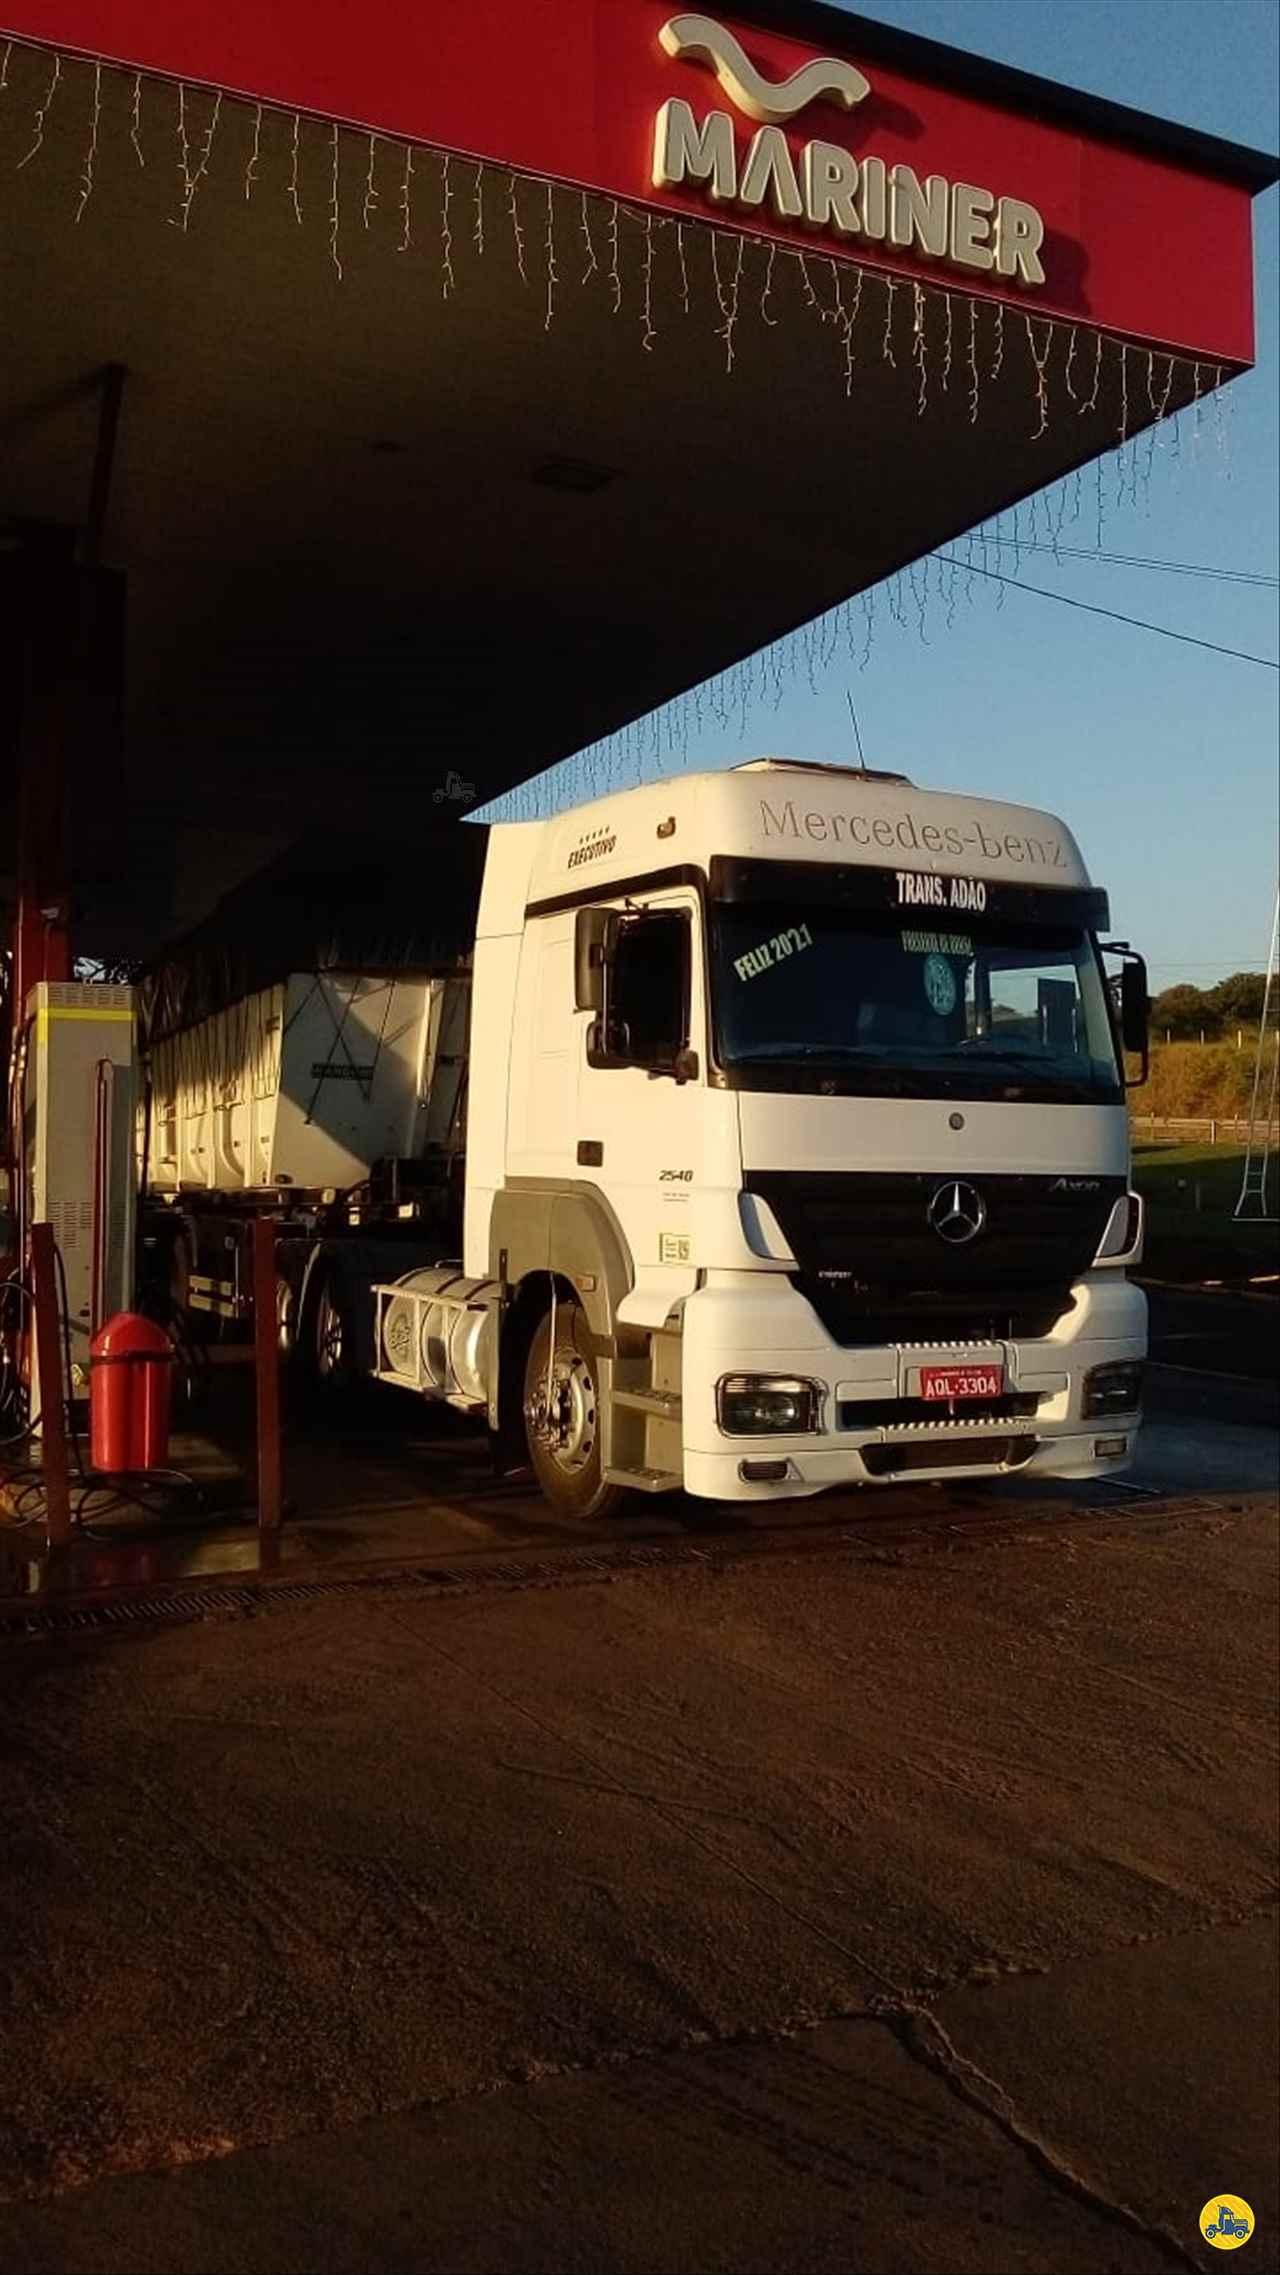 CAMINHAO MERCEDES-BENZ MB 2540 Cavalo Mecânico Truck 6x2 Cotral Caminhões SERRA DO SALITRE MINAS GERAIS MG